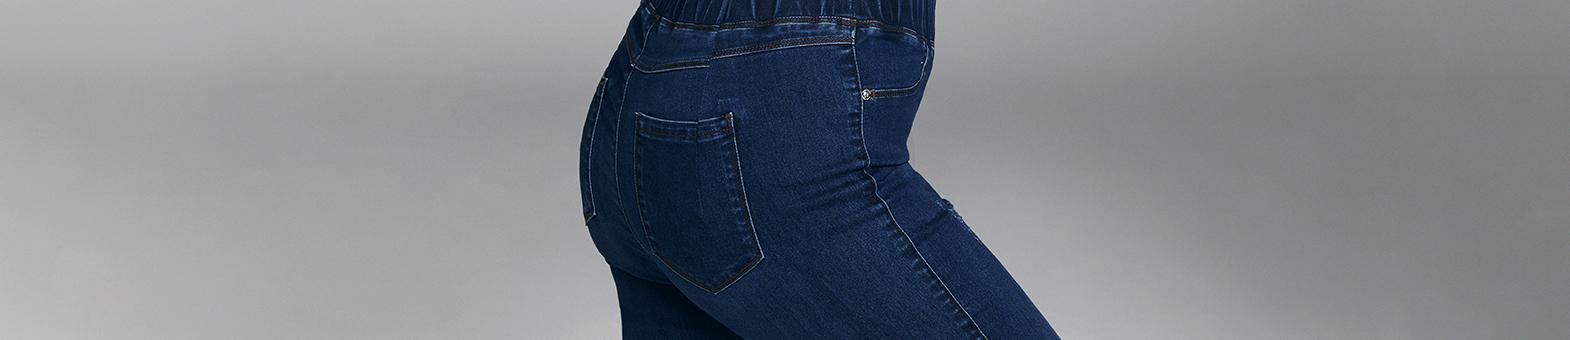 Fiorella Rubino saldi pantaloni e jeans